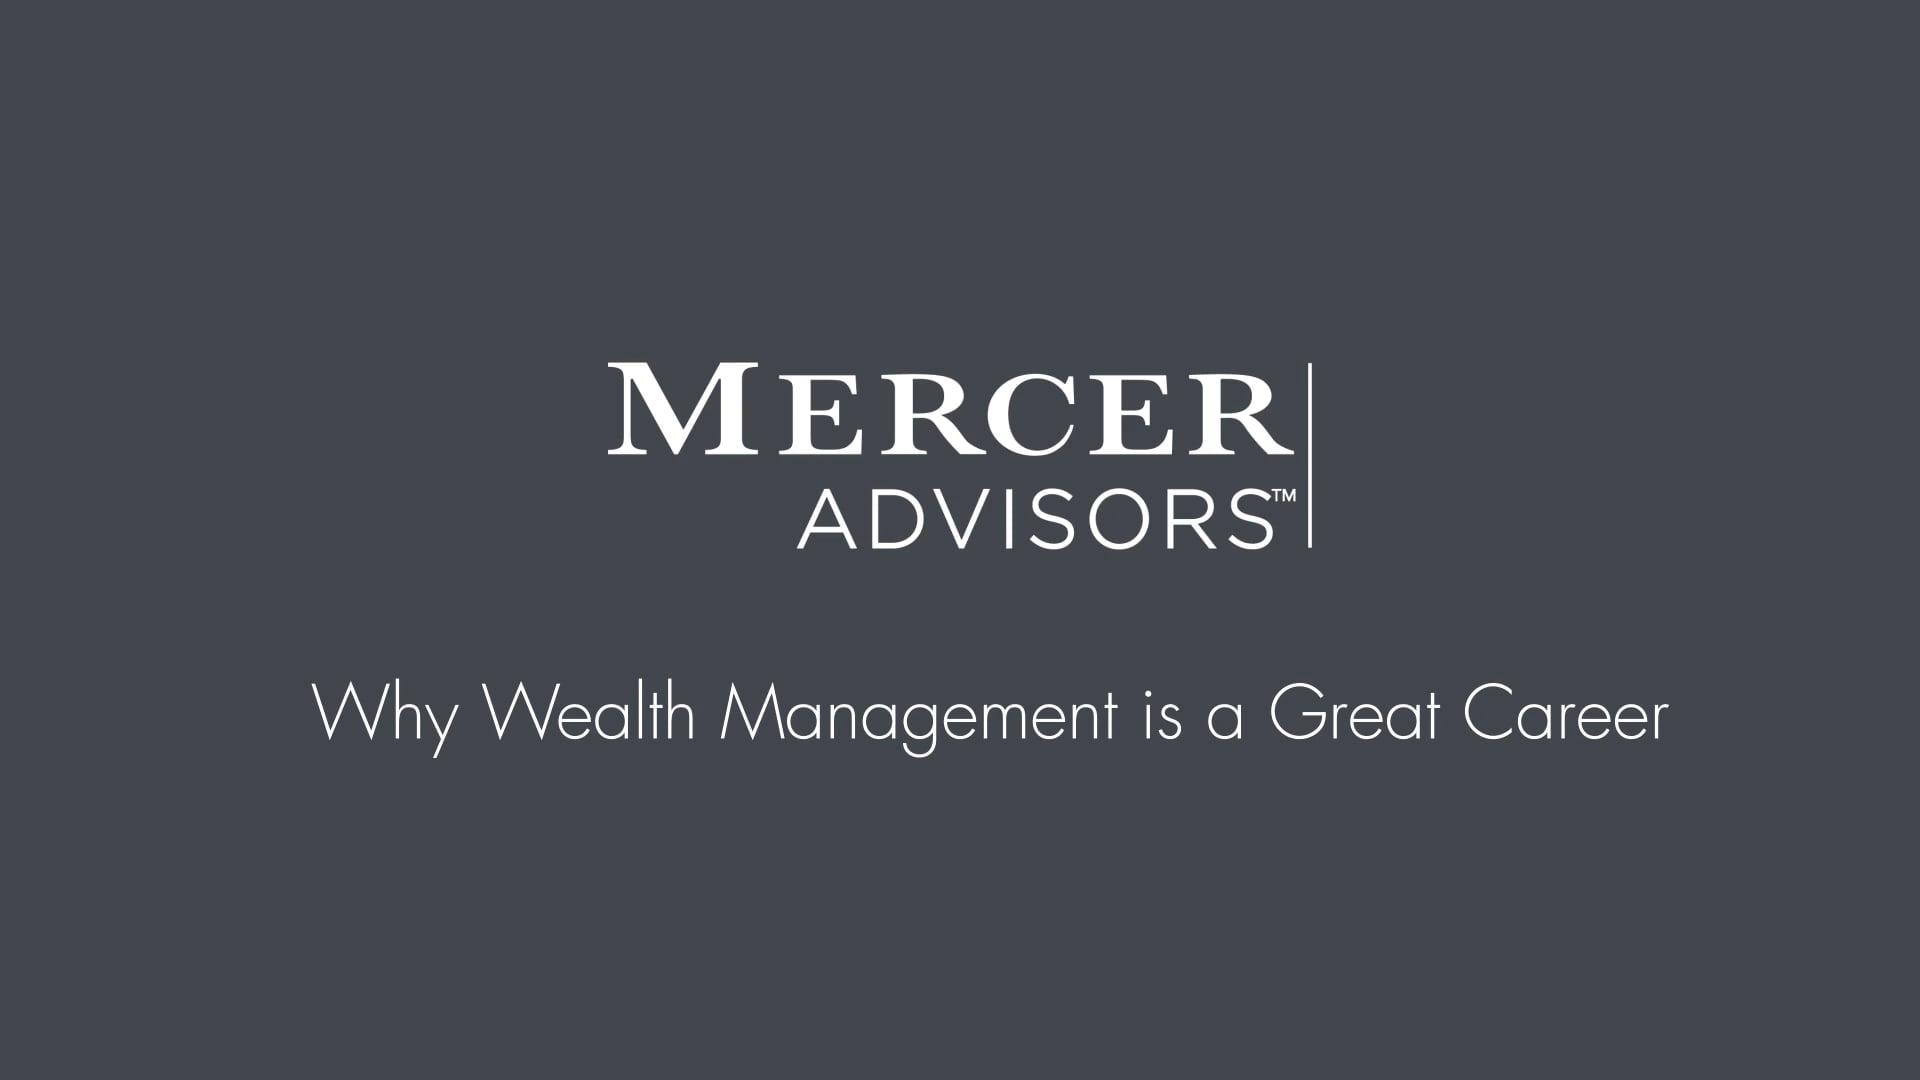 Mercer General Advisors